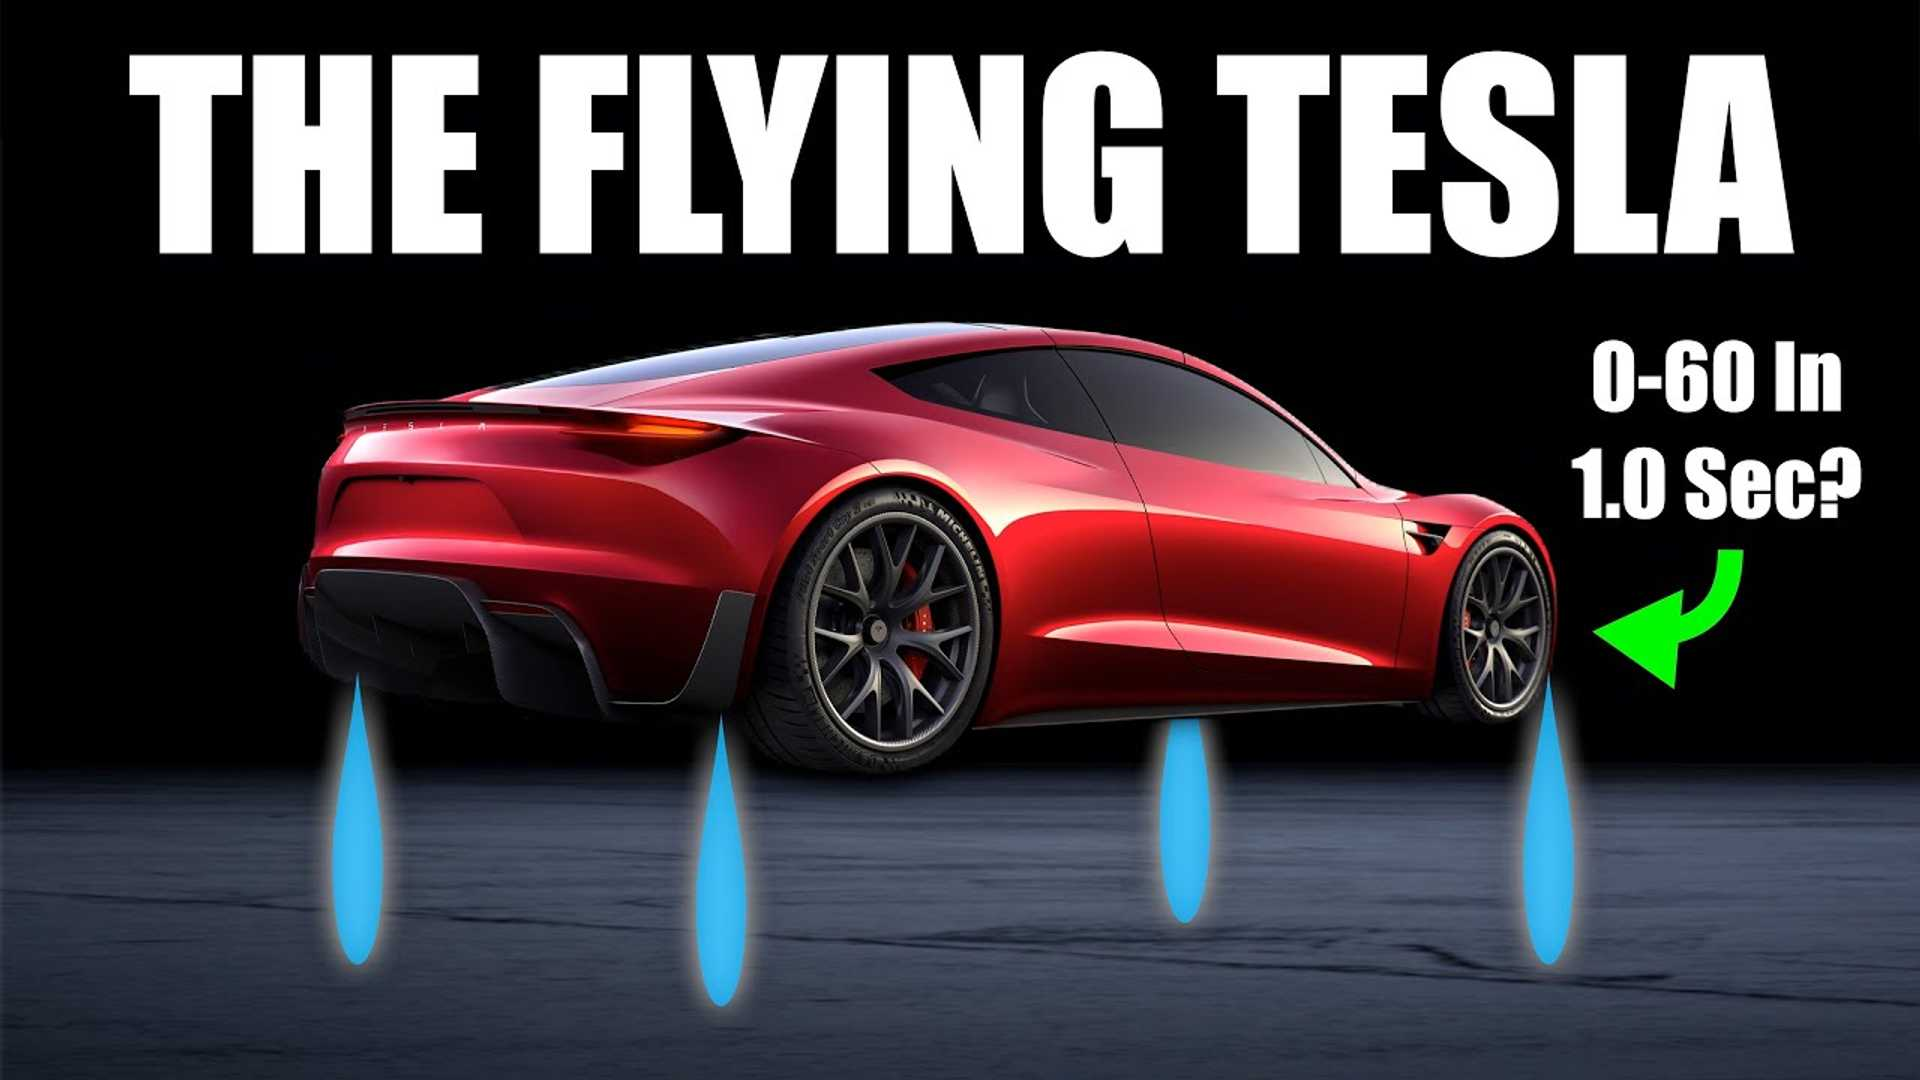 Может ли родстер Tesla действительно иметь ракетные двигатели? Как они будут работать?